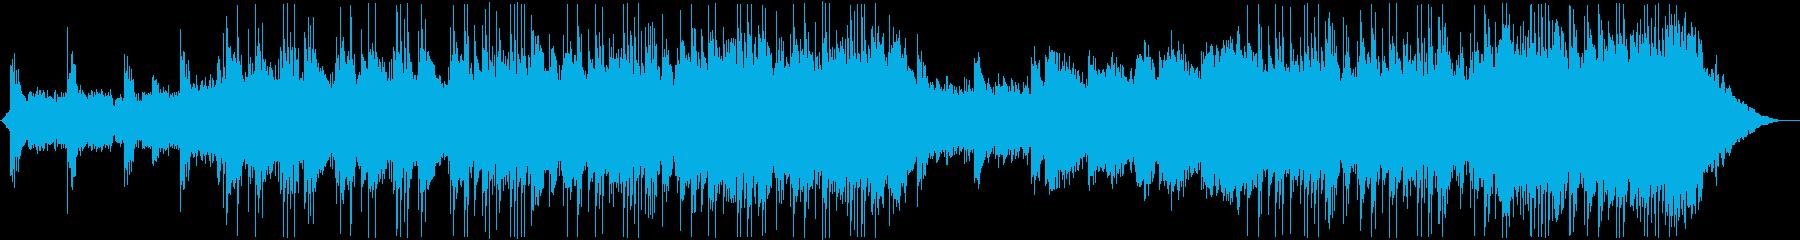 和楽器による壮大なシネマティック楽曲の再生済みの波形